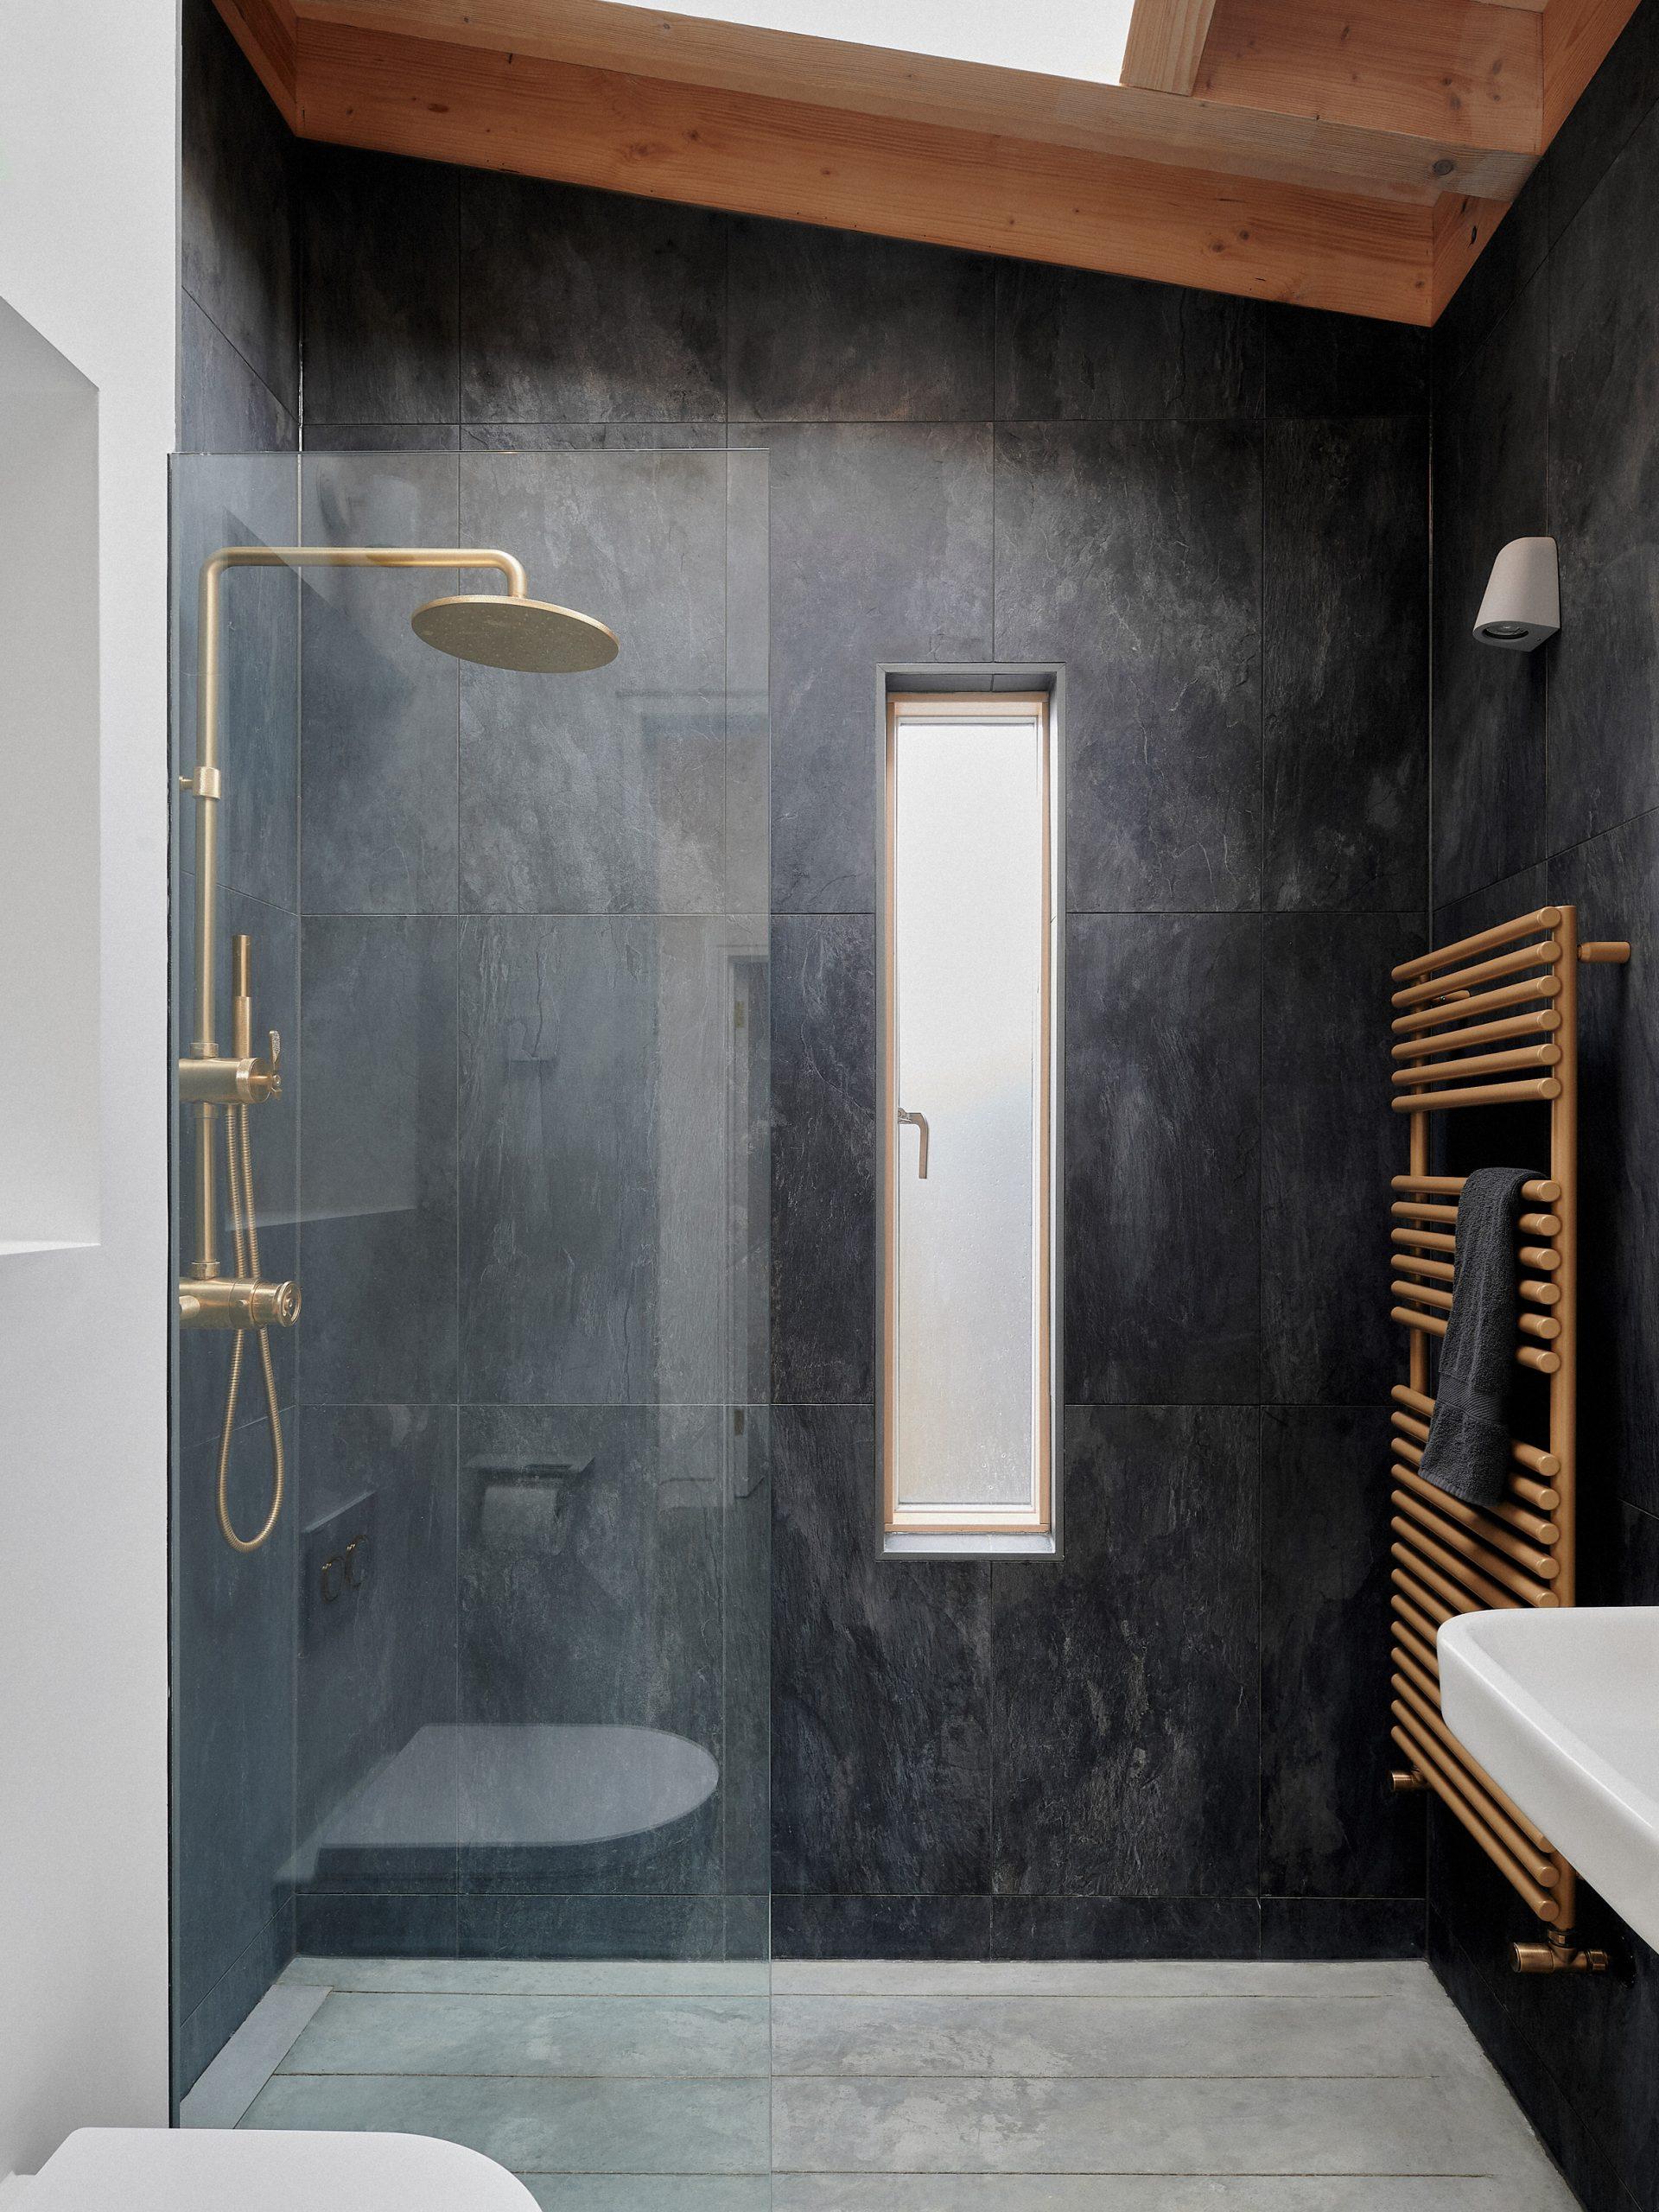 A black-tiled shower room